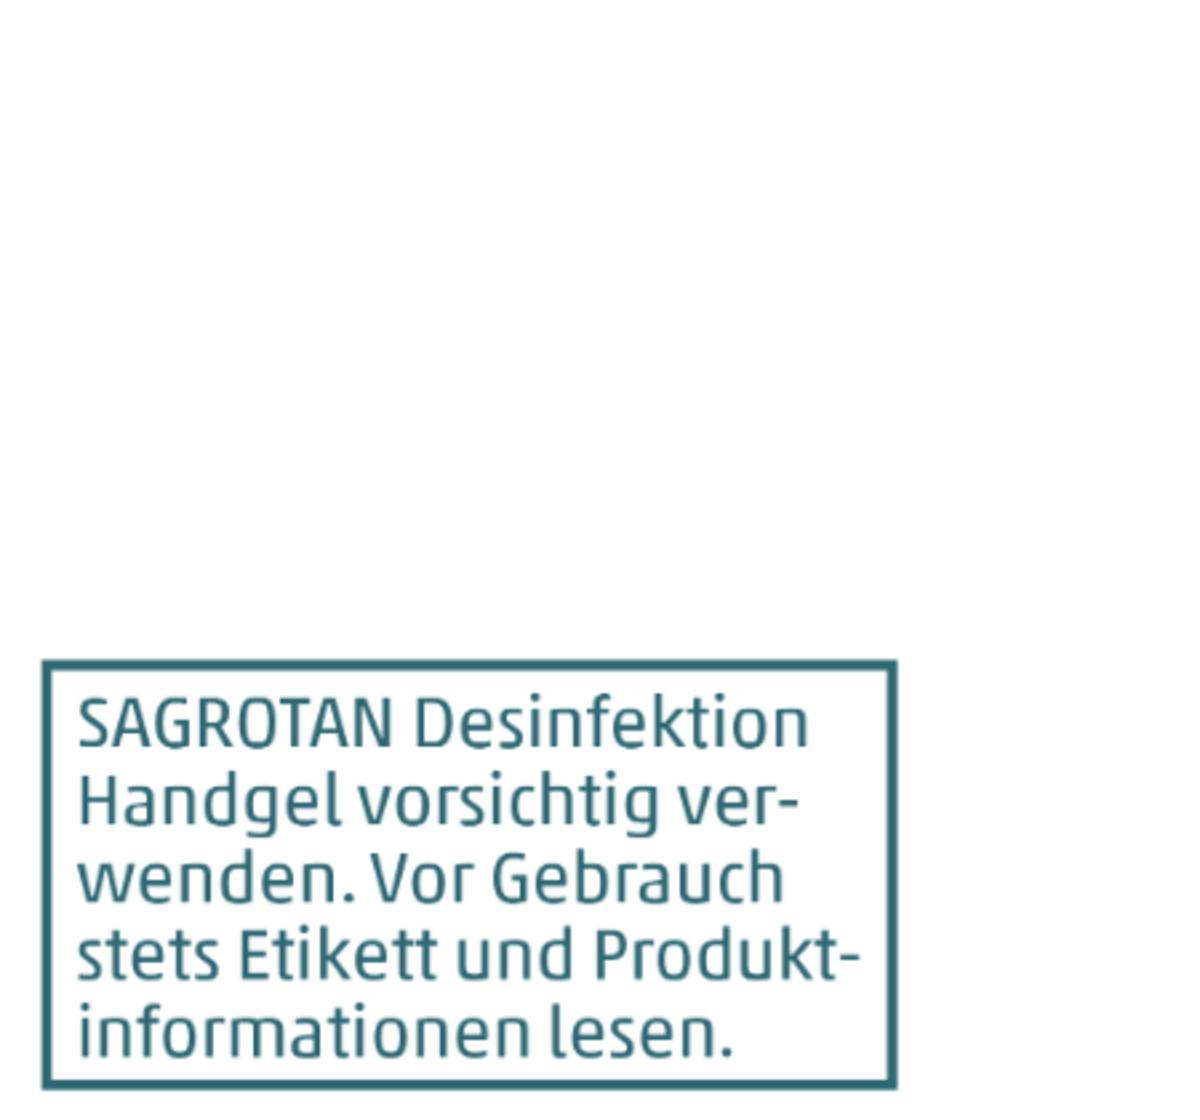 Bild 2 von SAGROTAN Desinfektion Handgel